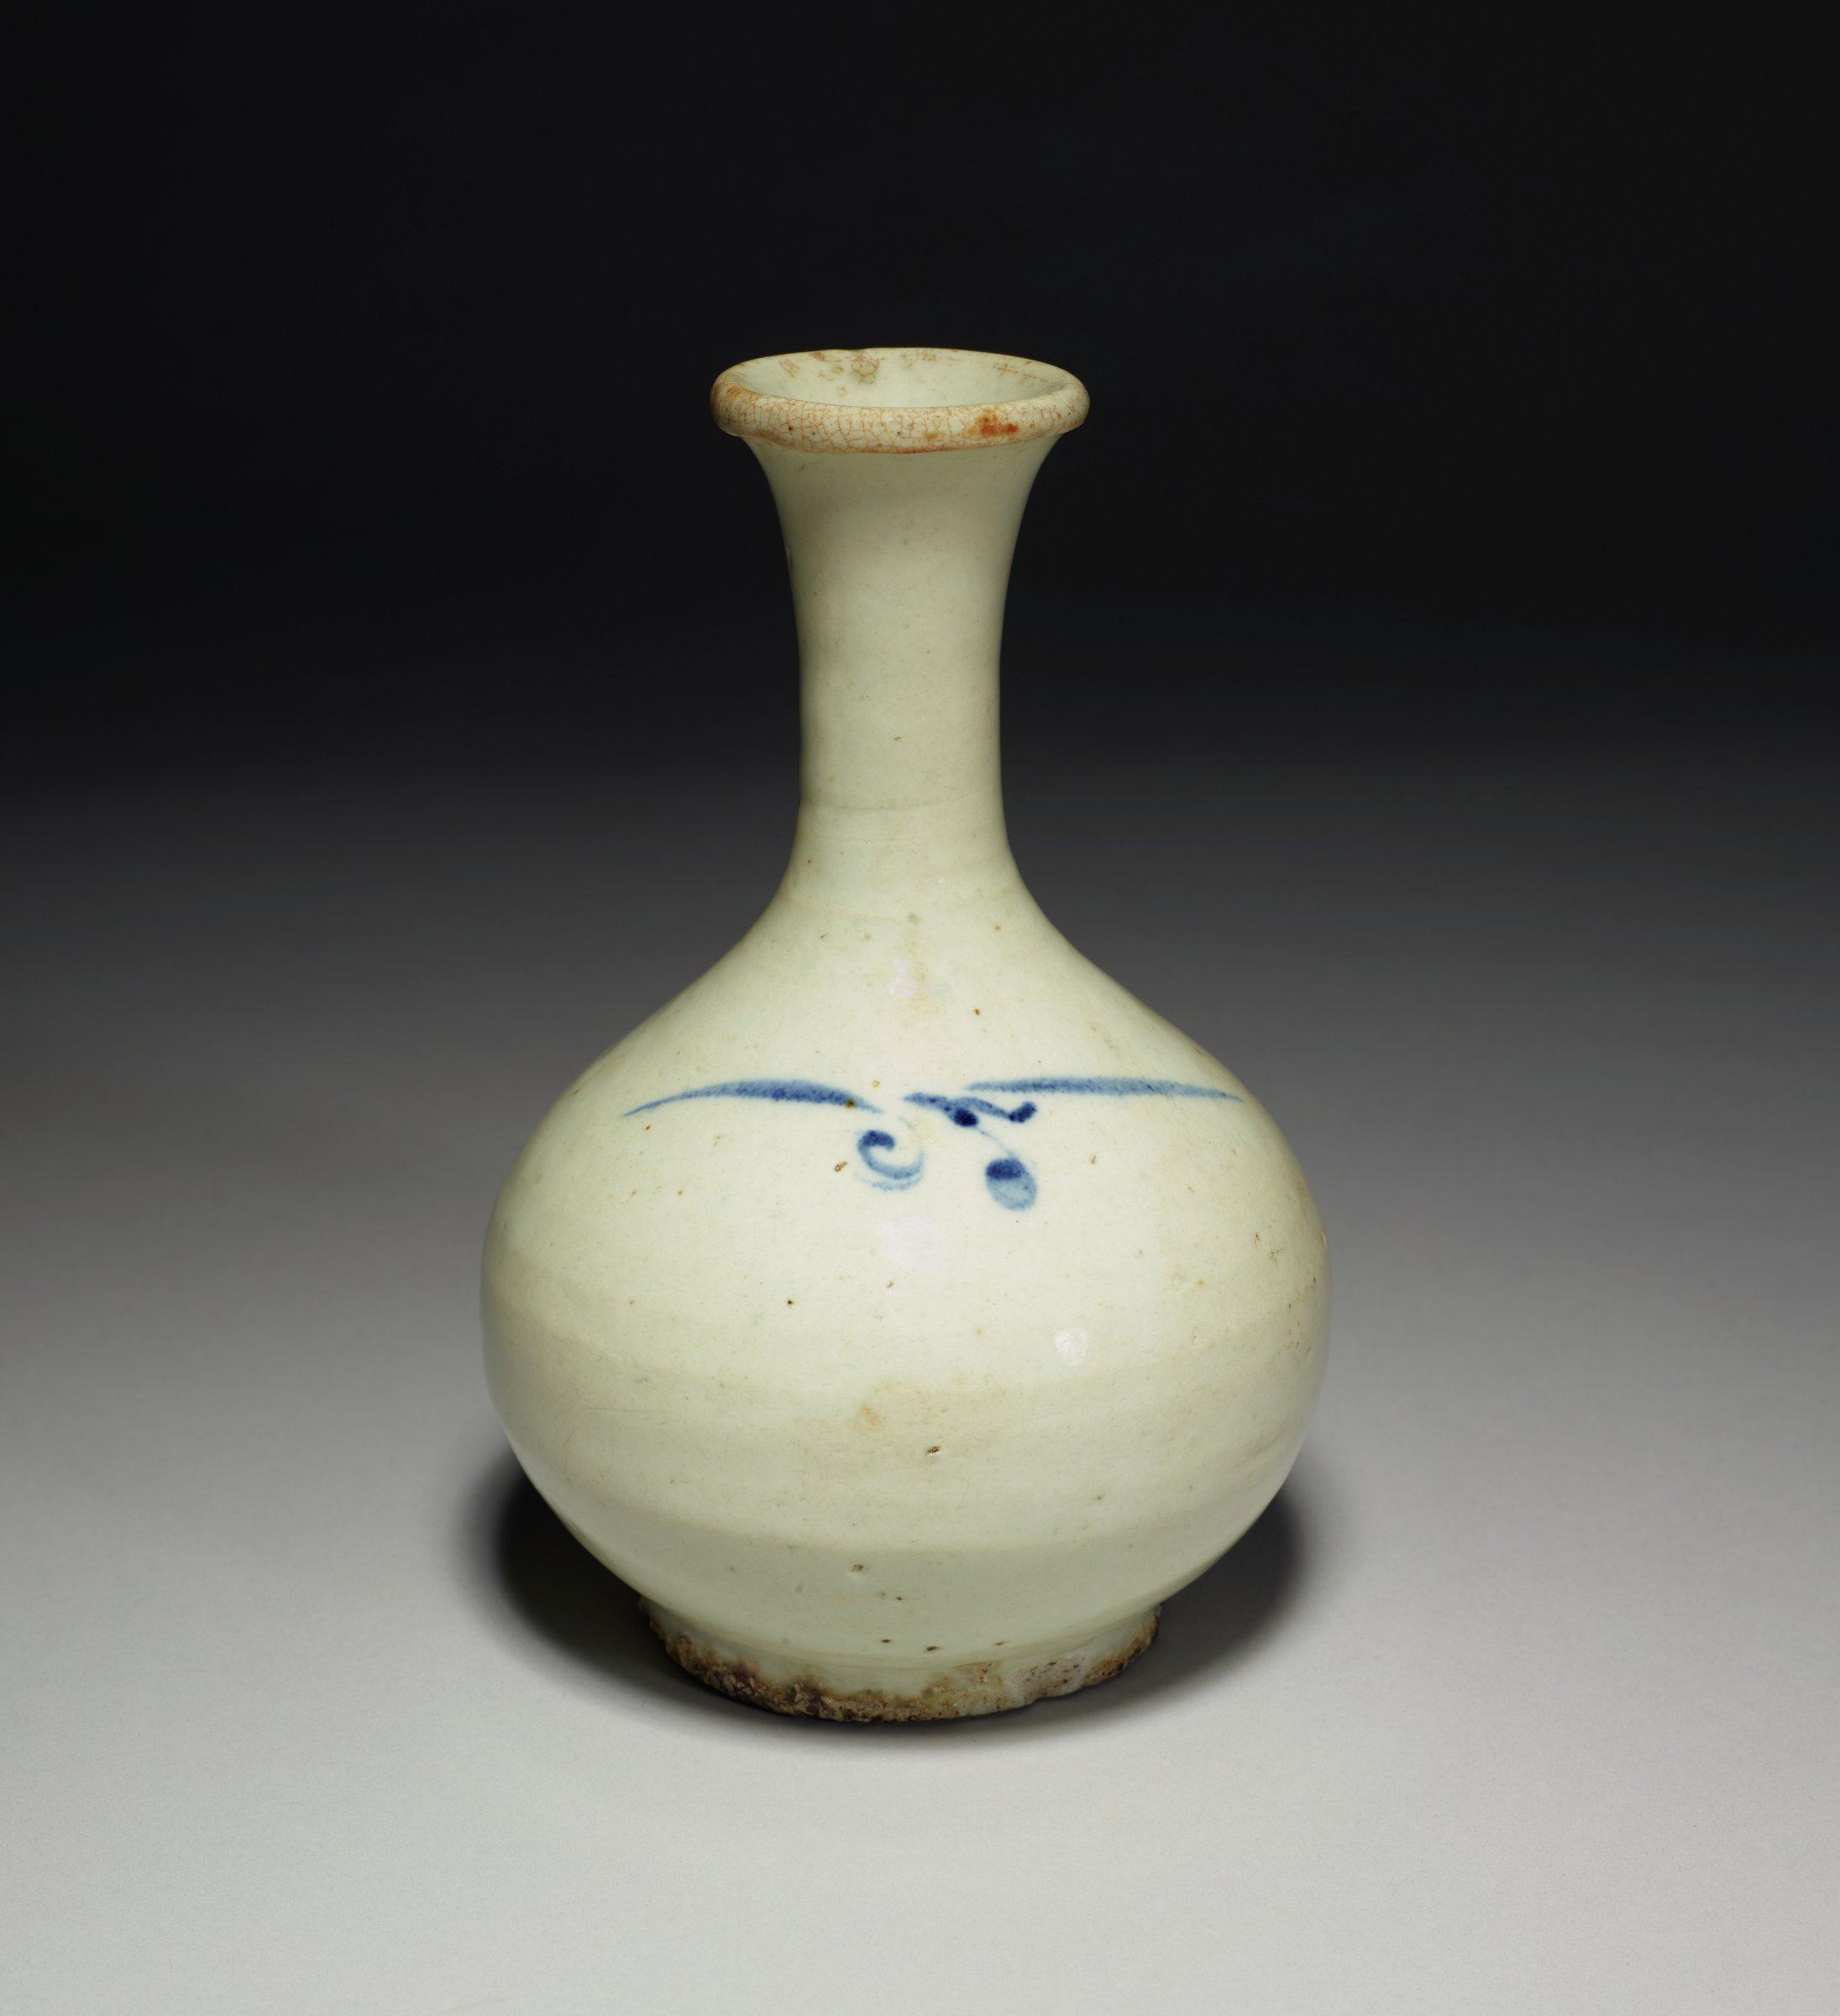 Long-Neck Bottle with Blue Floral Motif on shoulder